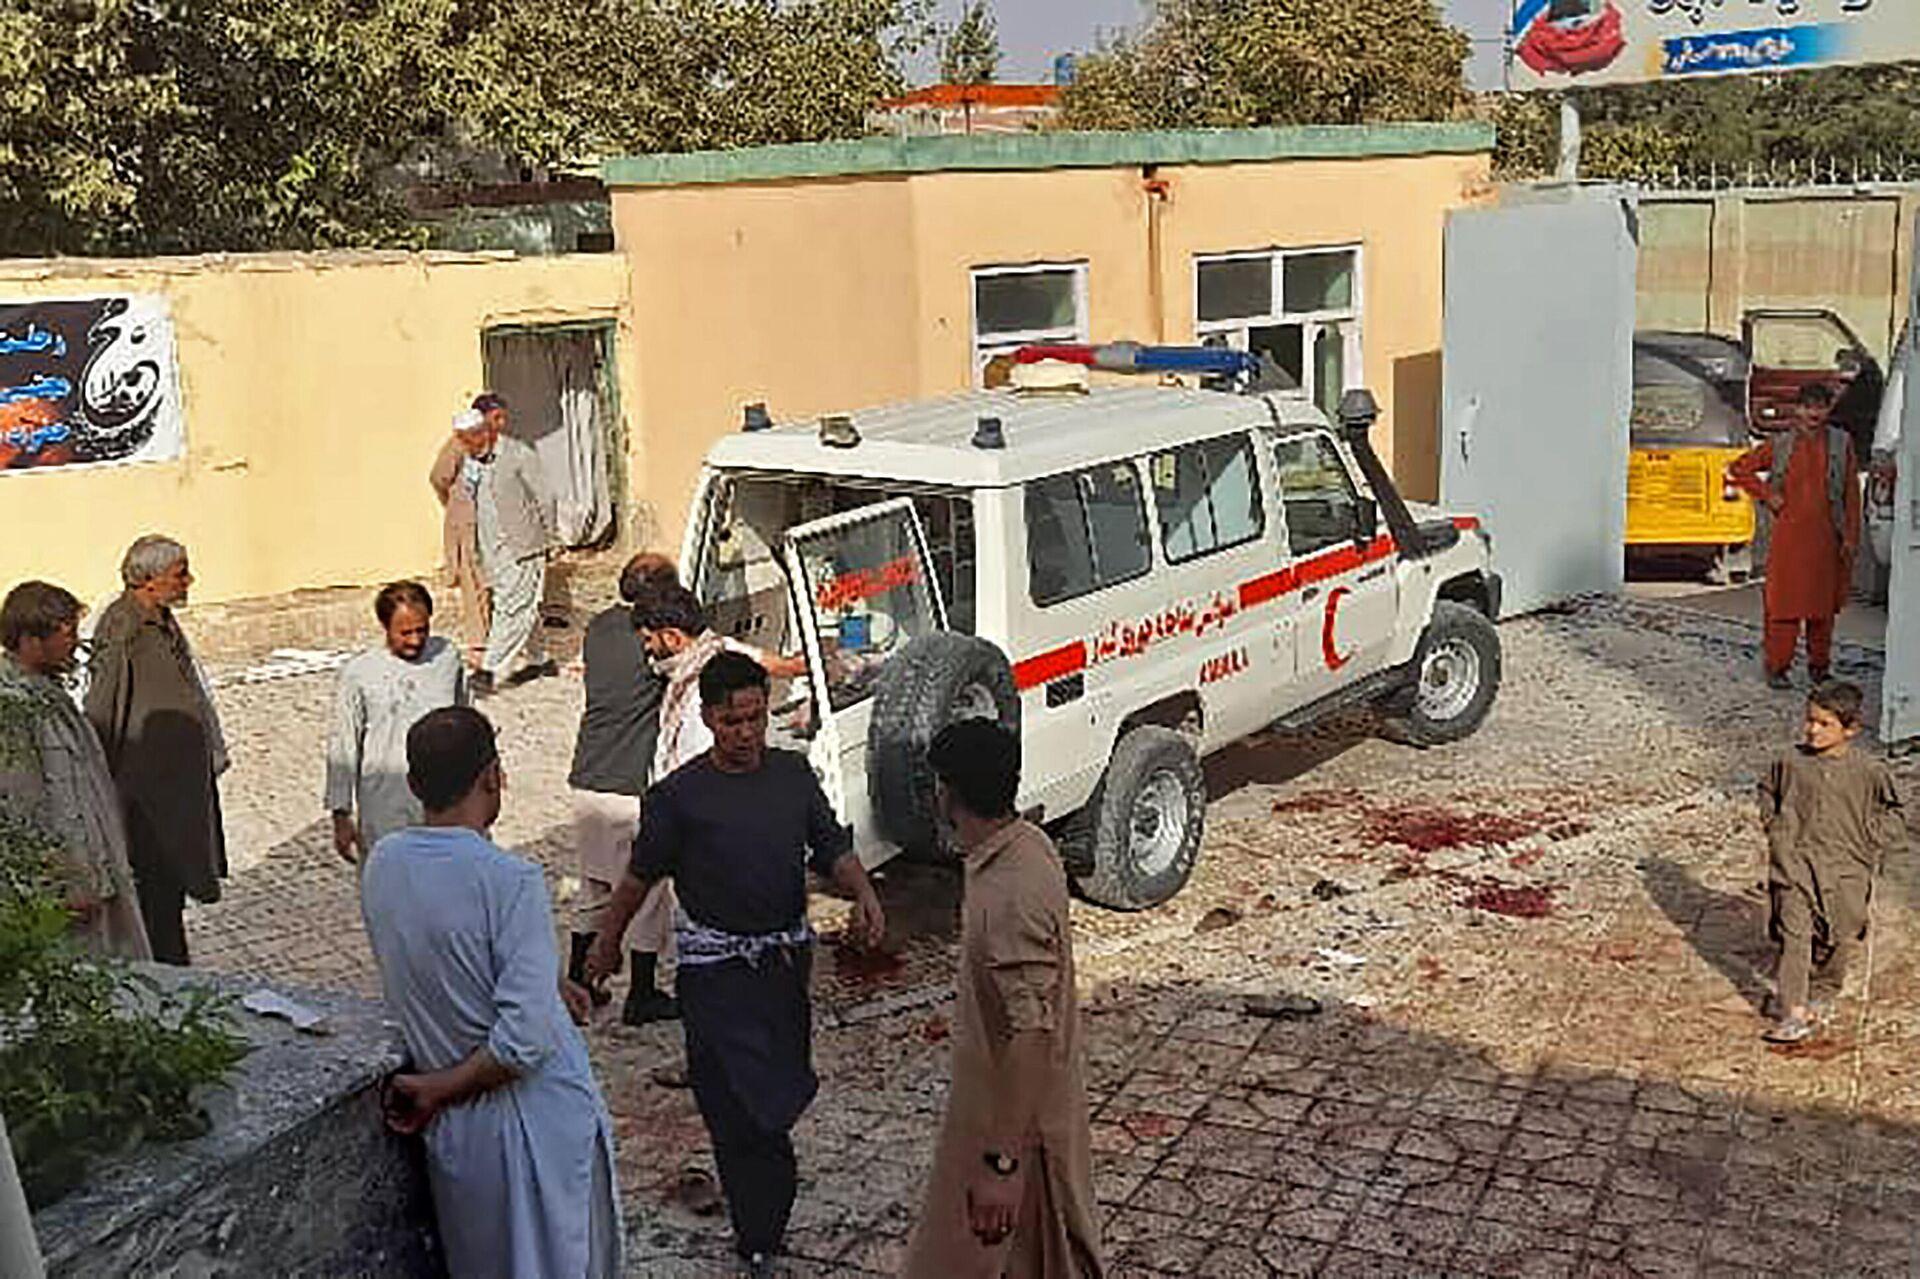 Теракт во время пятничной молитвы в афганском городе Кундуз - Sputnik Ўзбекистон, 1920, 09.10.2021